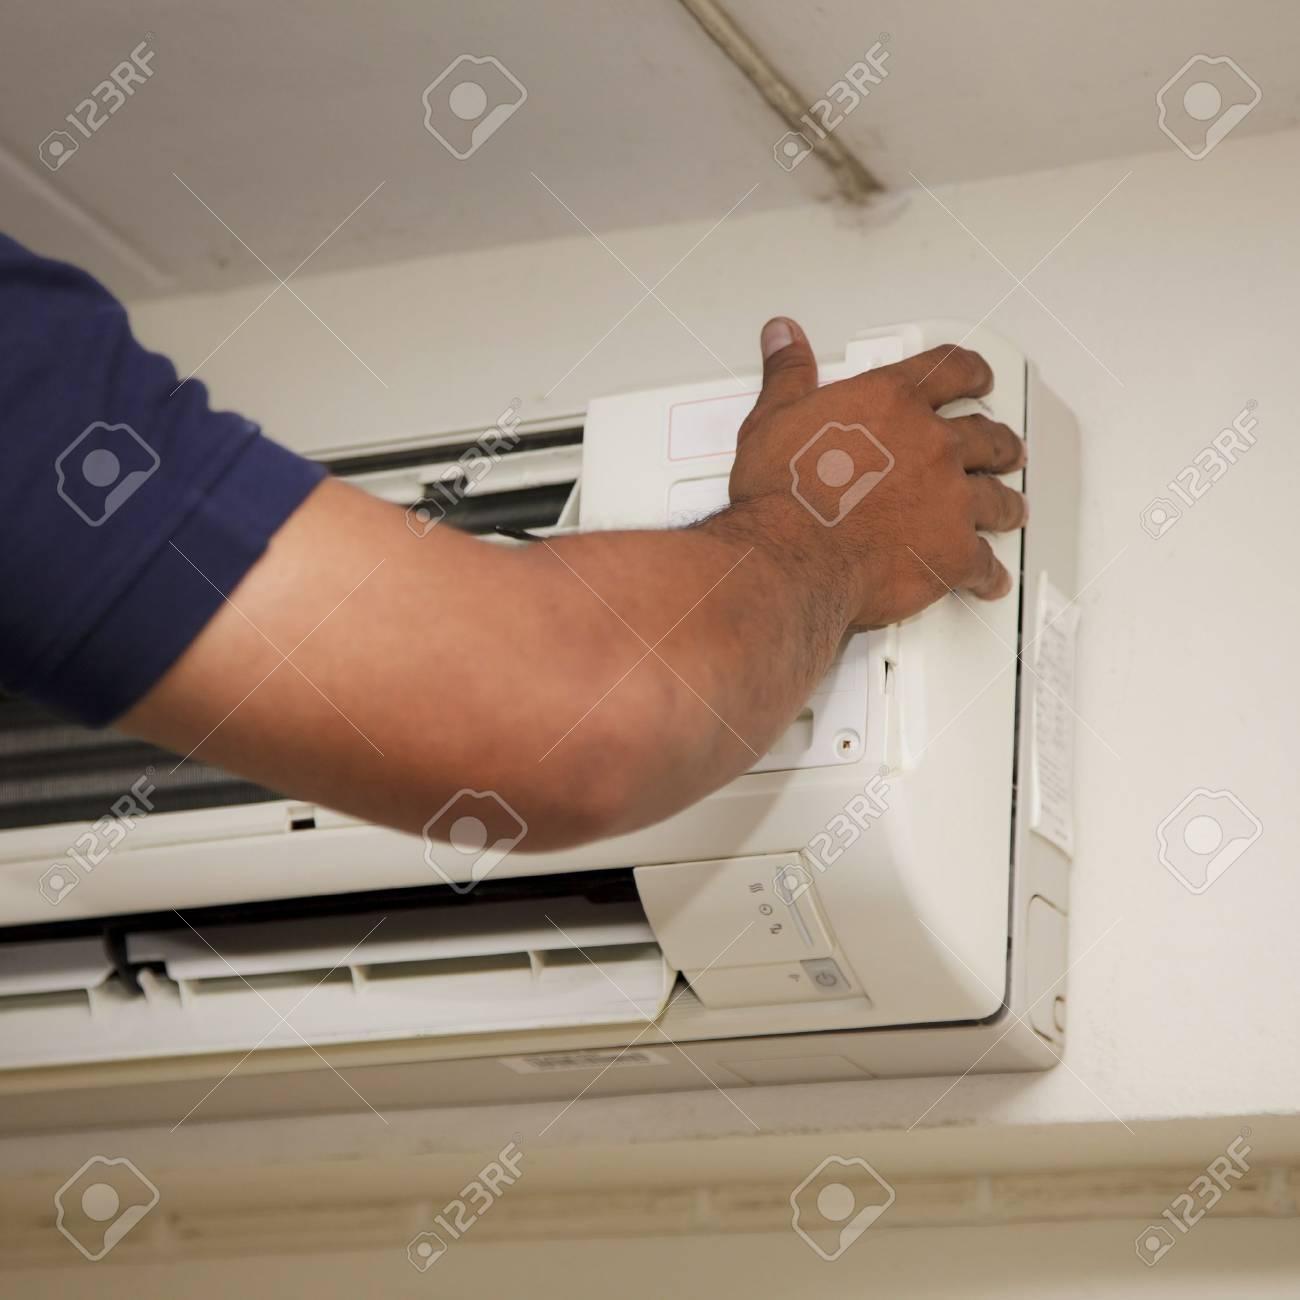 Repair technicians Air conditioner Stock Photo - 18236130